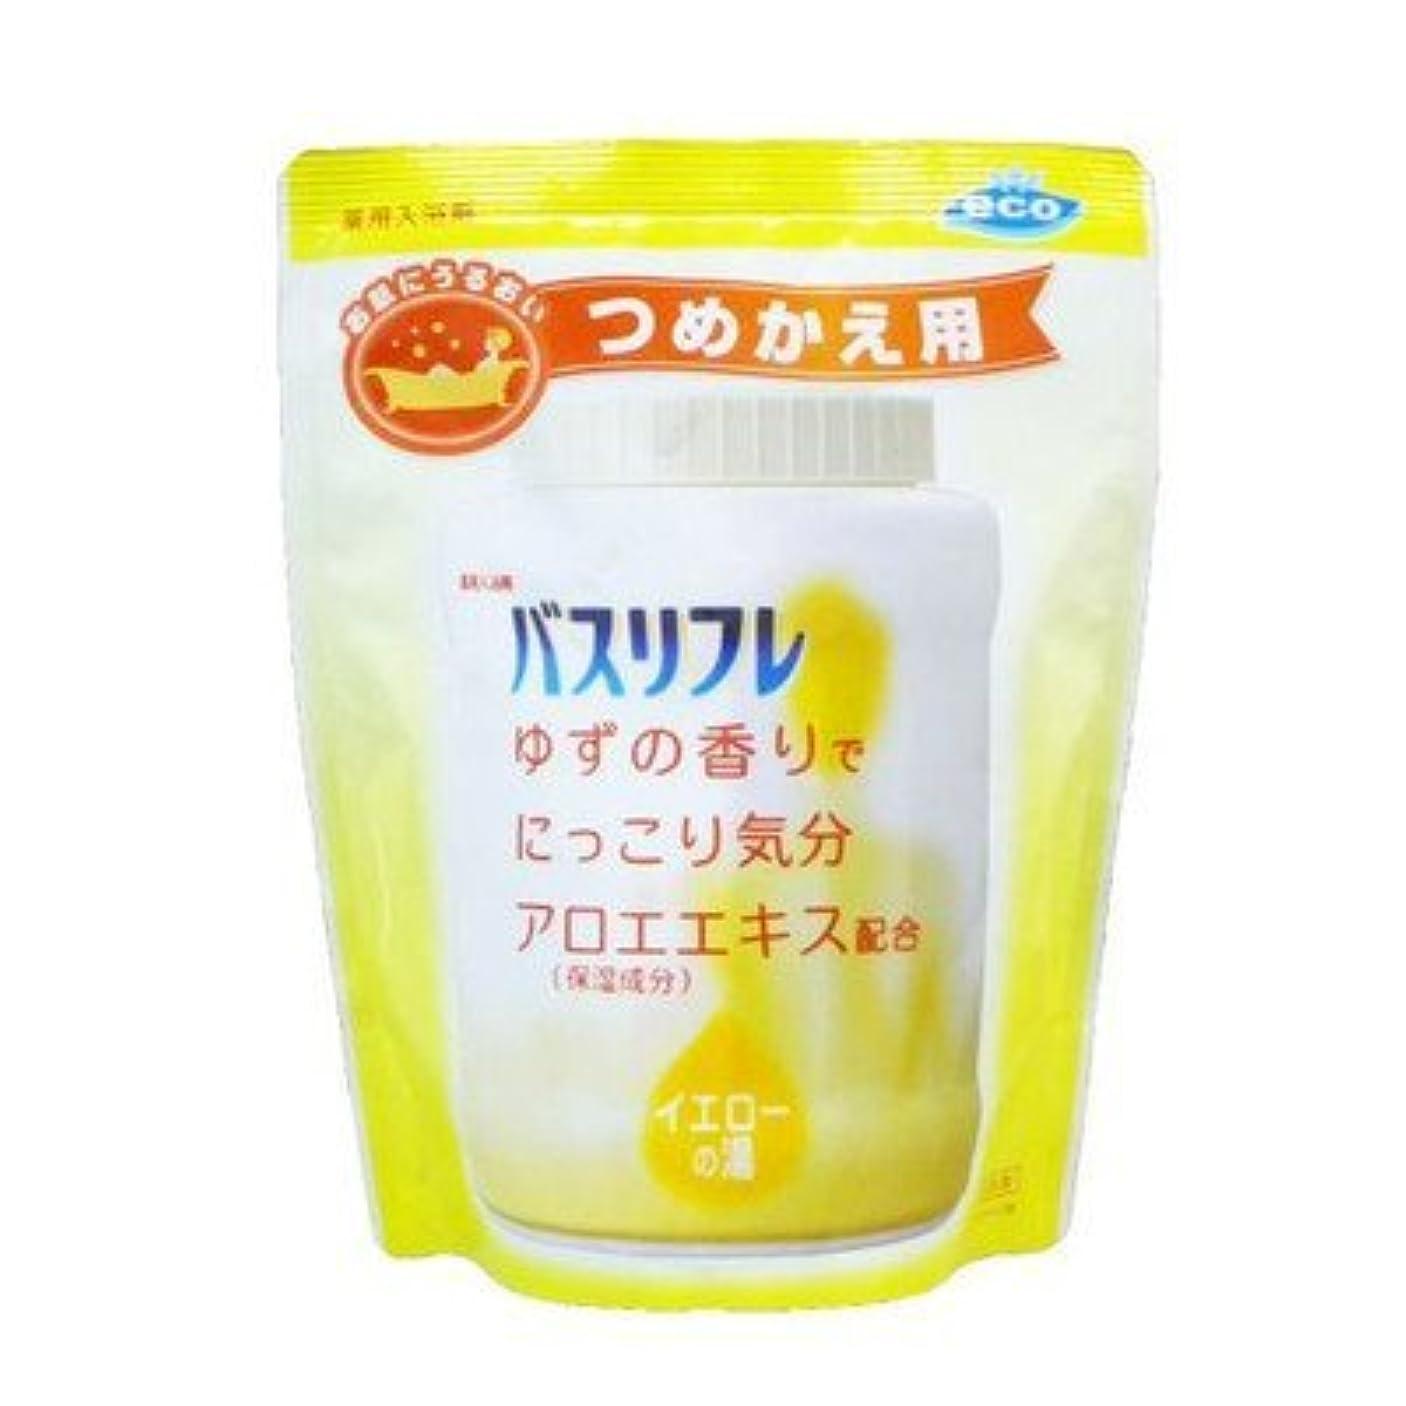 硬いの中で哲学博士薬用入浴剤 バスリフレ イエローの湯 つめかえ用 540g ゆずの香り (ライオンケミカル) Japan